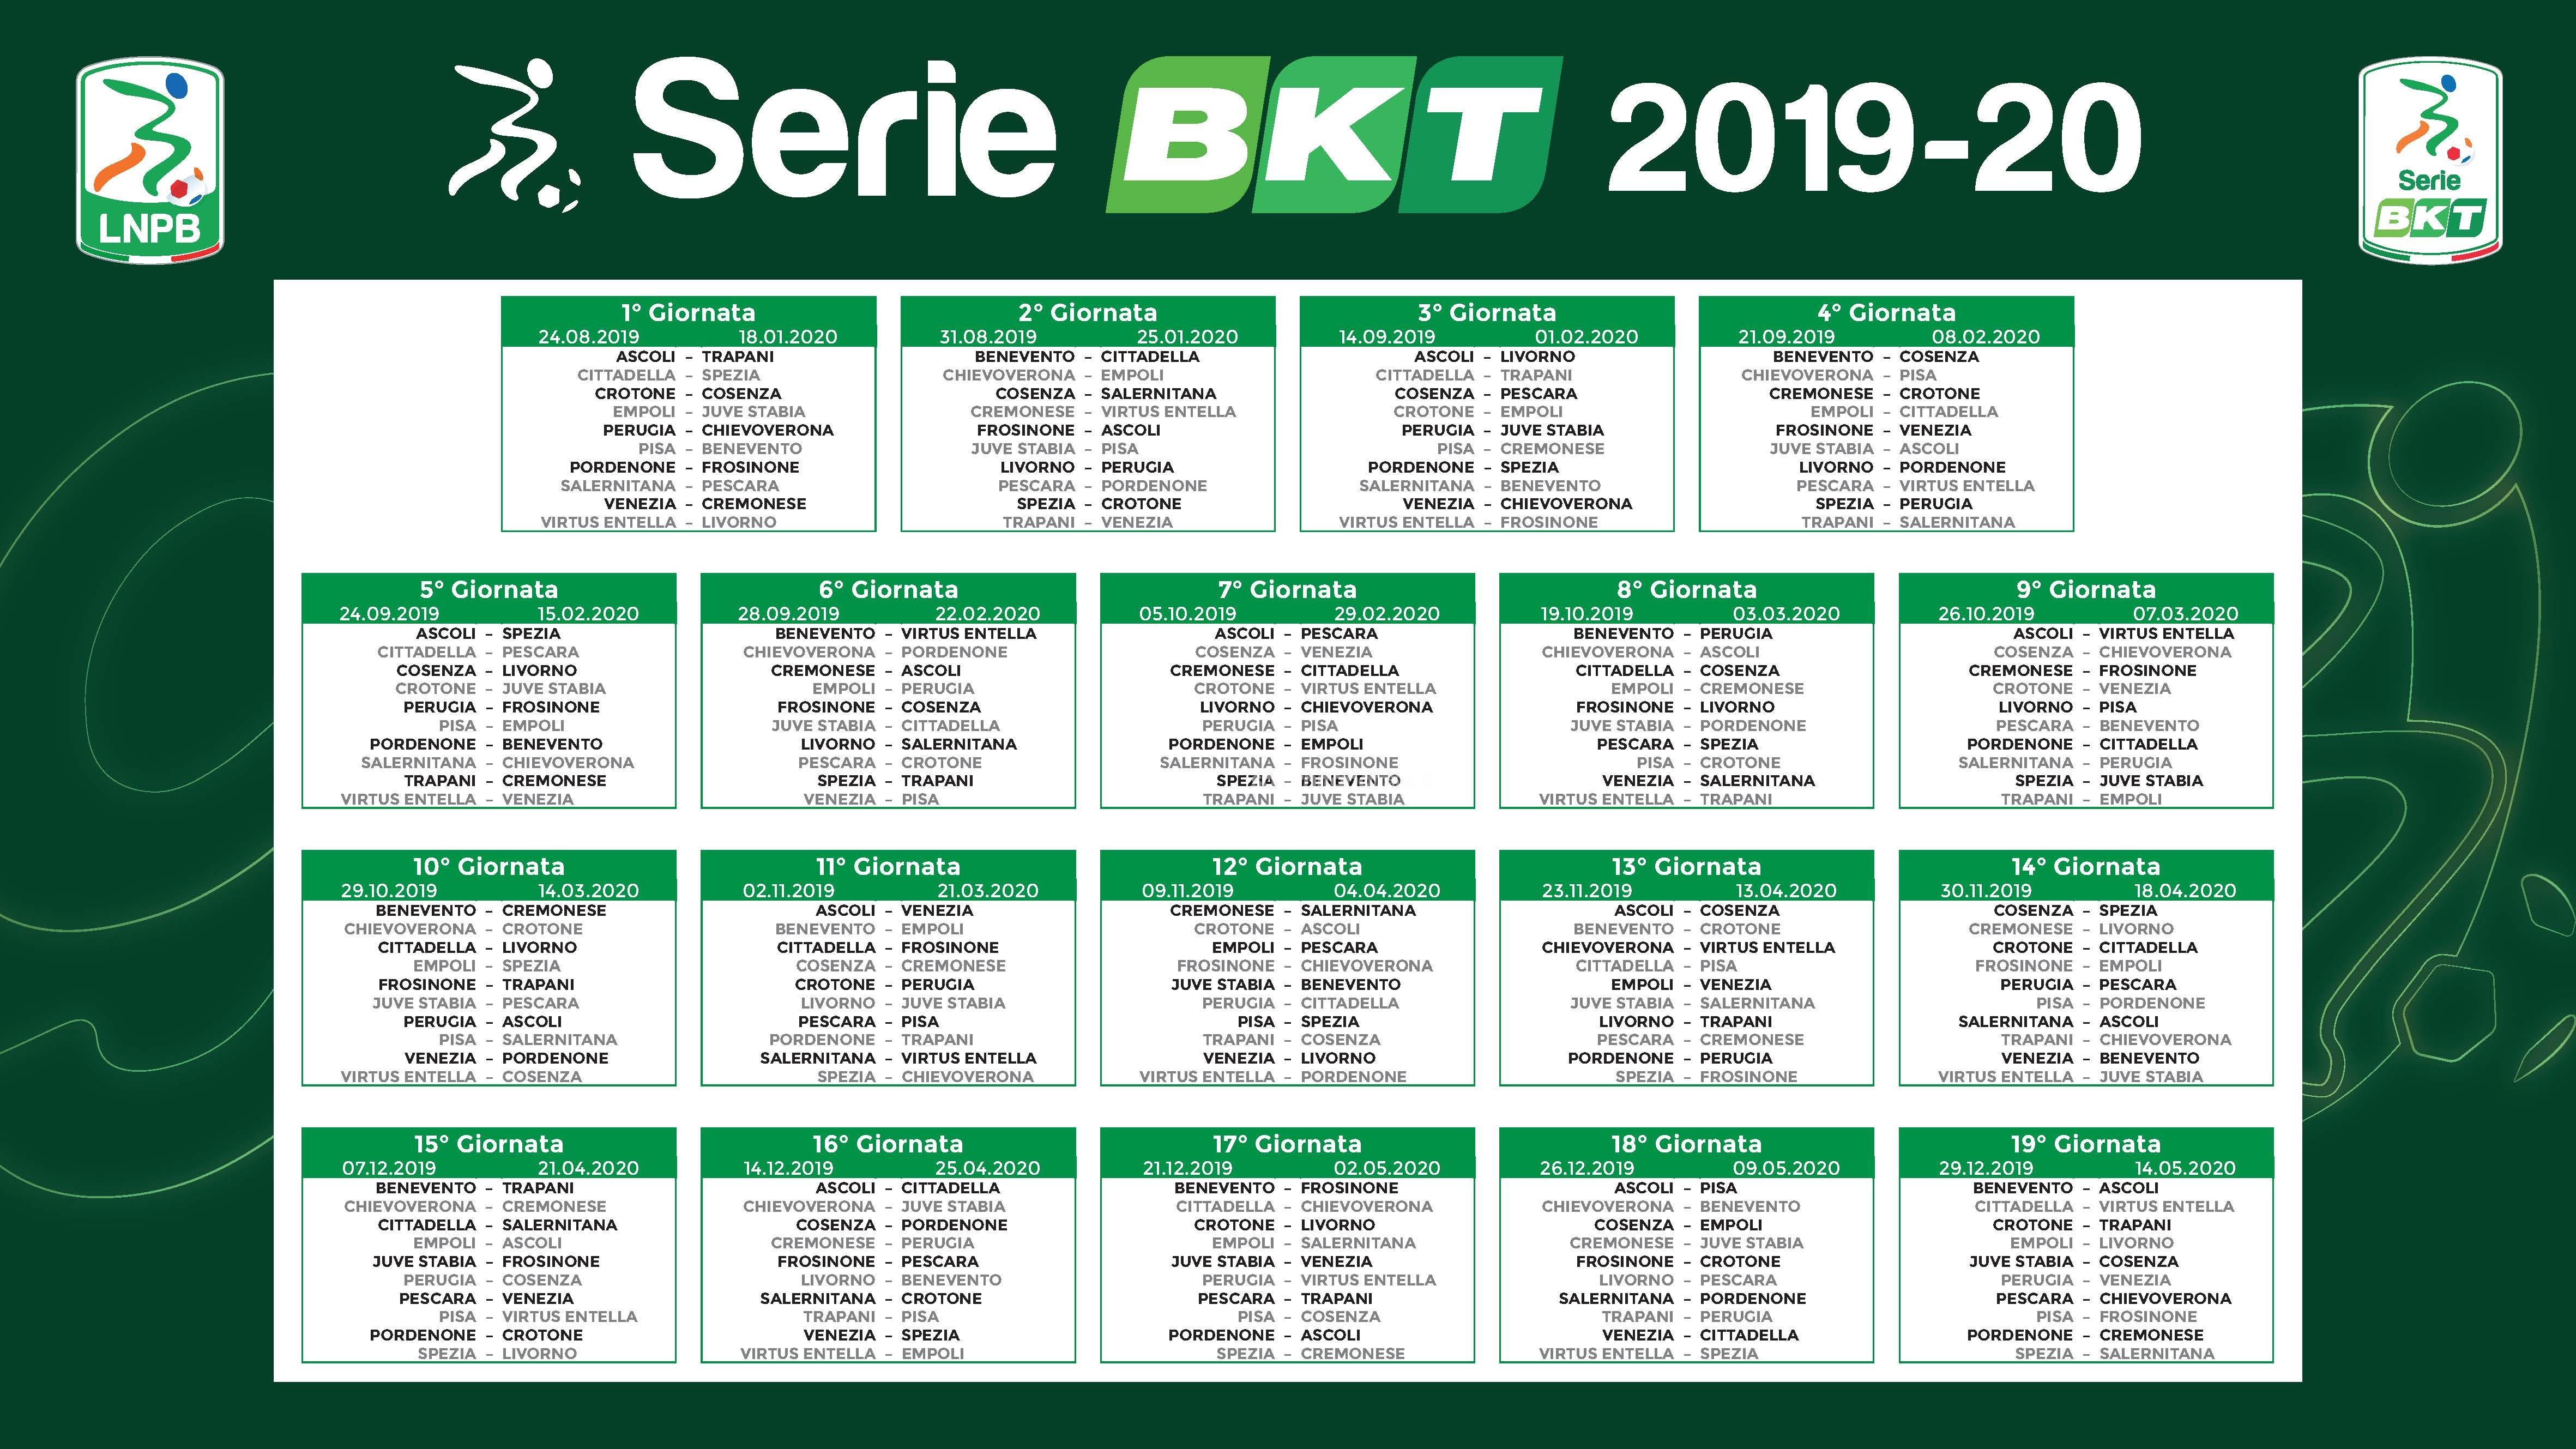 Calendario Serie B 2020 19.Calendario Salernitana 2020 Calendario 2020